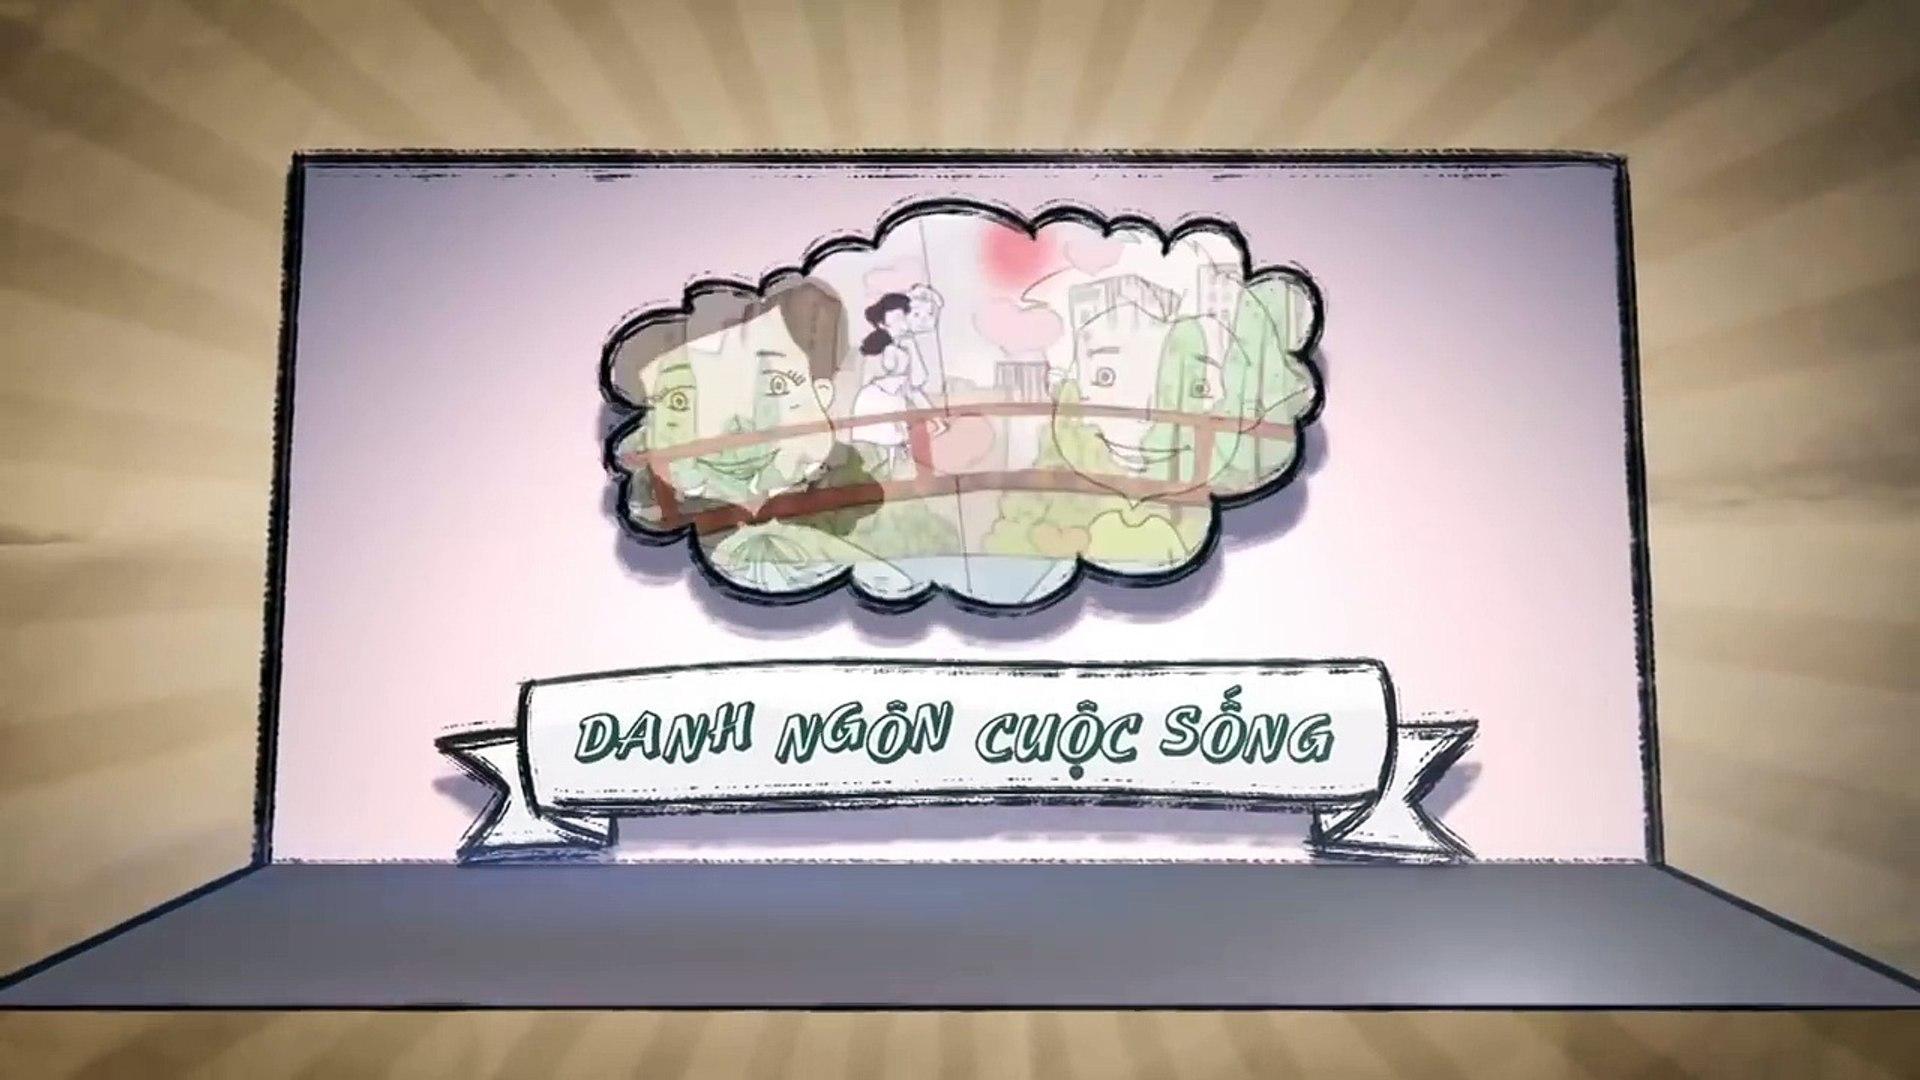 Phim hoạt hình – Hoạt hình Danh ngôn Cuộc sống - GÁNH NẶNG TRÊN VAI ► Phim hoạt hình hay nhất 2017